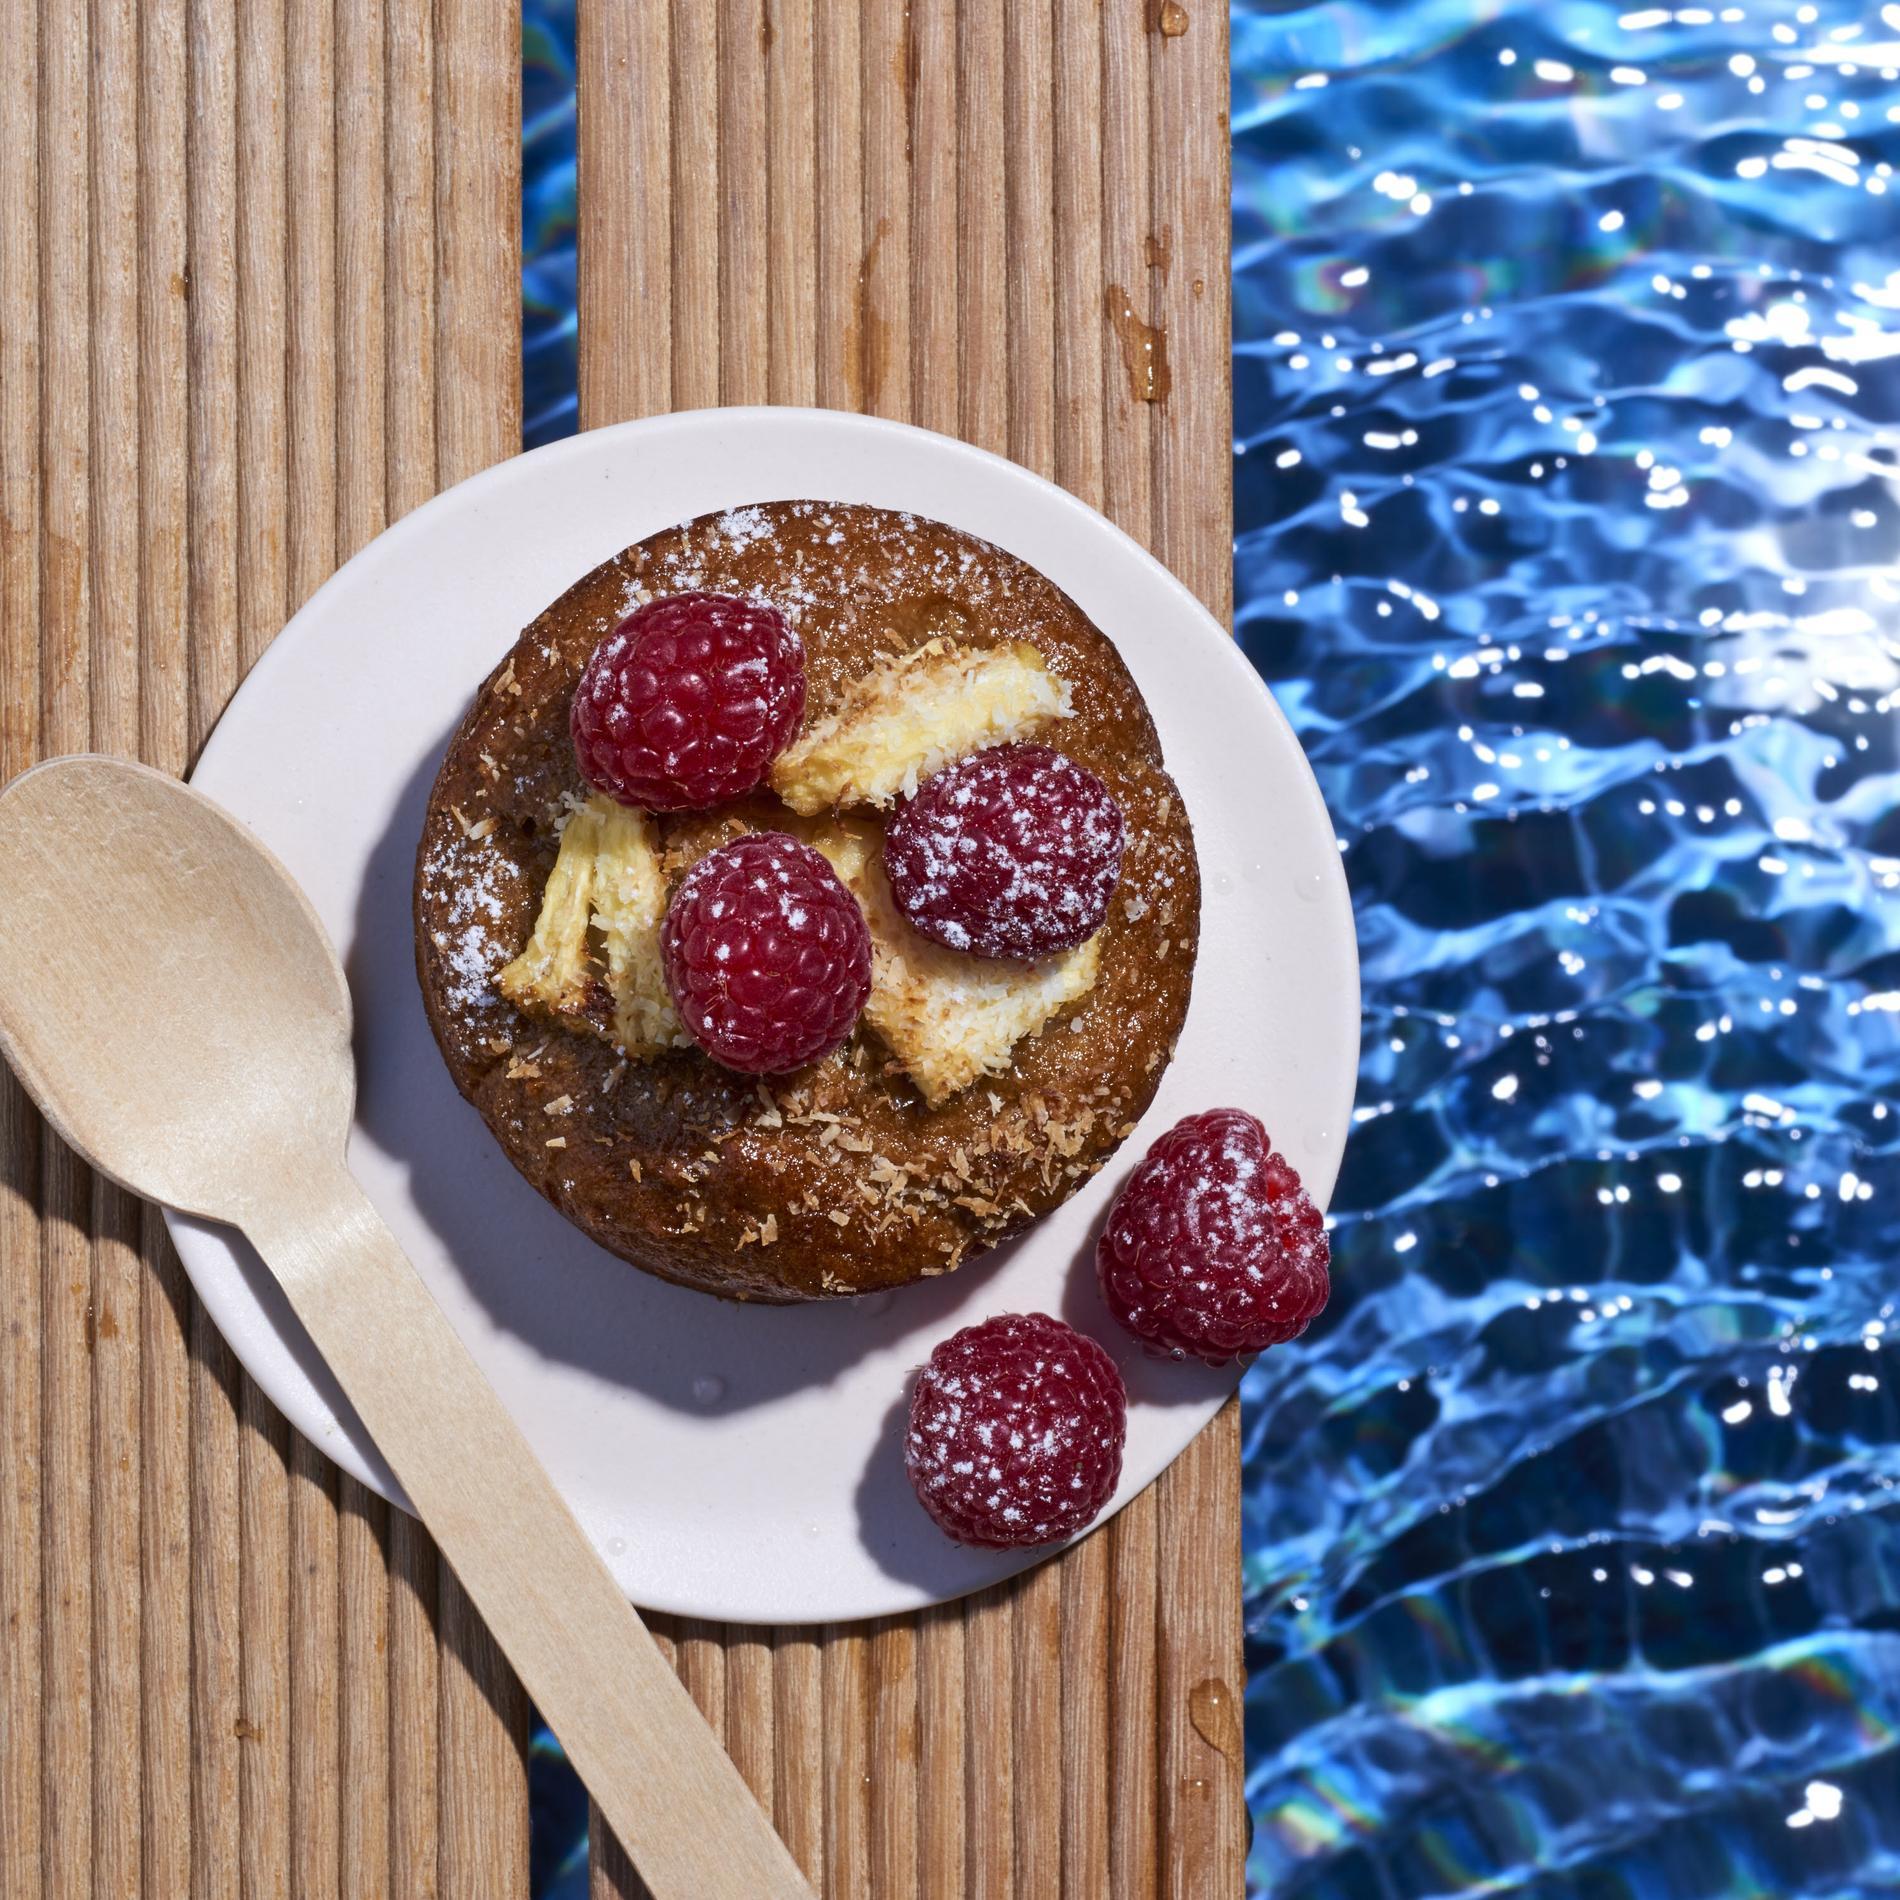 Extrêmement Dessert pique-nique : Recettes faciles et rapides - Cuisine  VI08